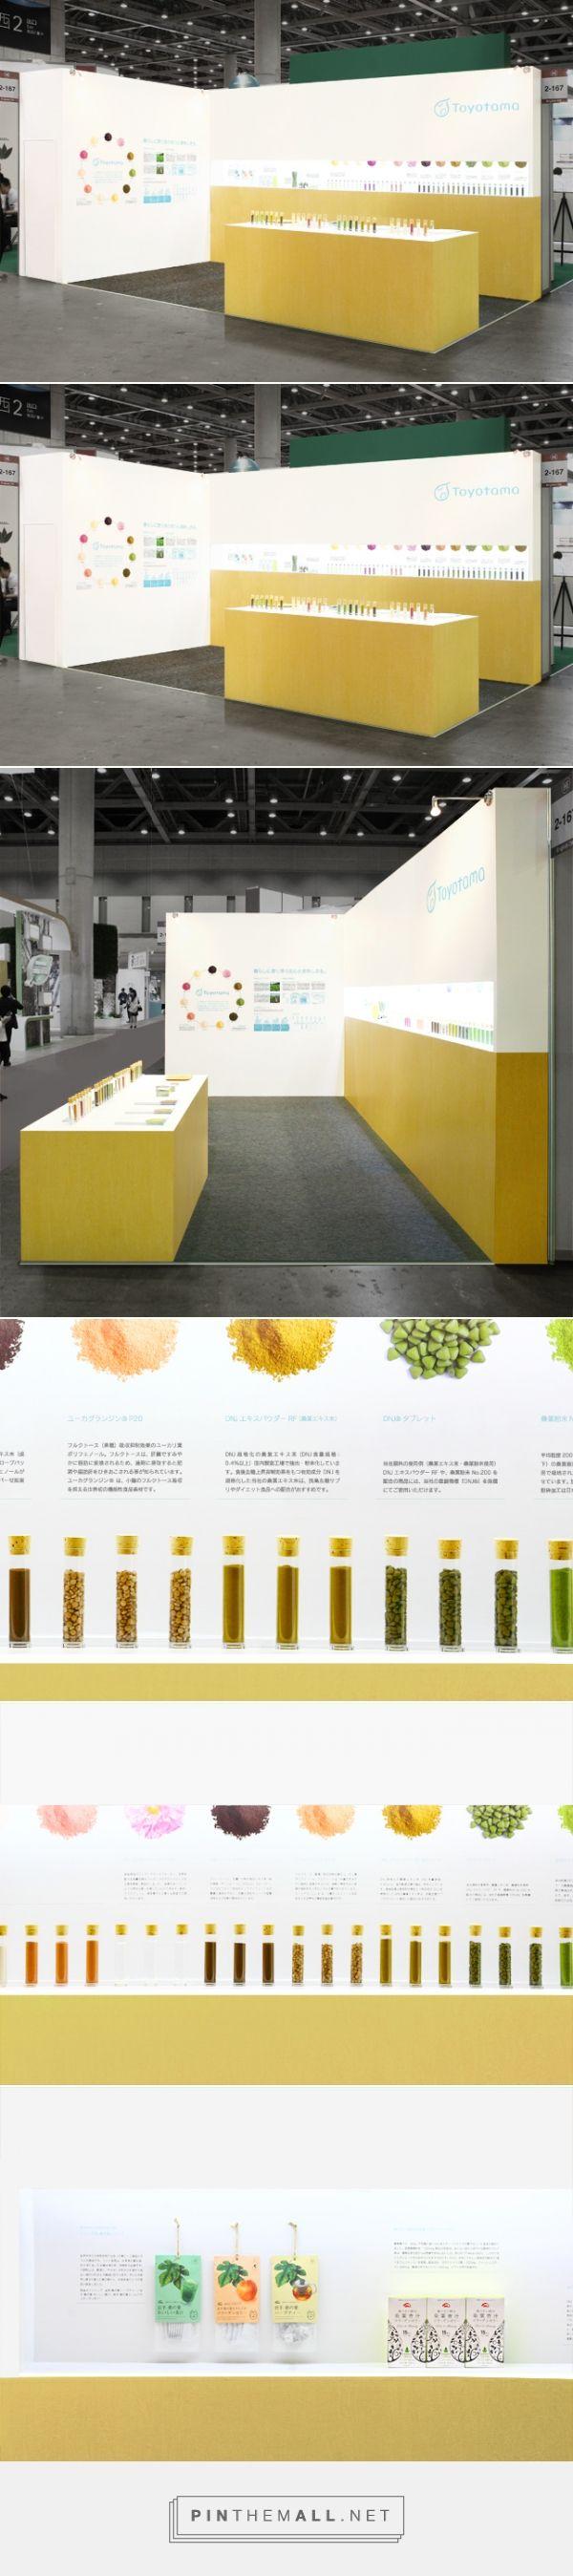 トヨタマ健康食品3   ベクトカルチャー(株)   Vectculture - created via http://pinthemall.net